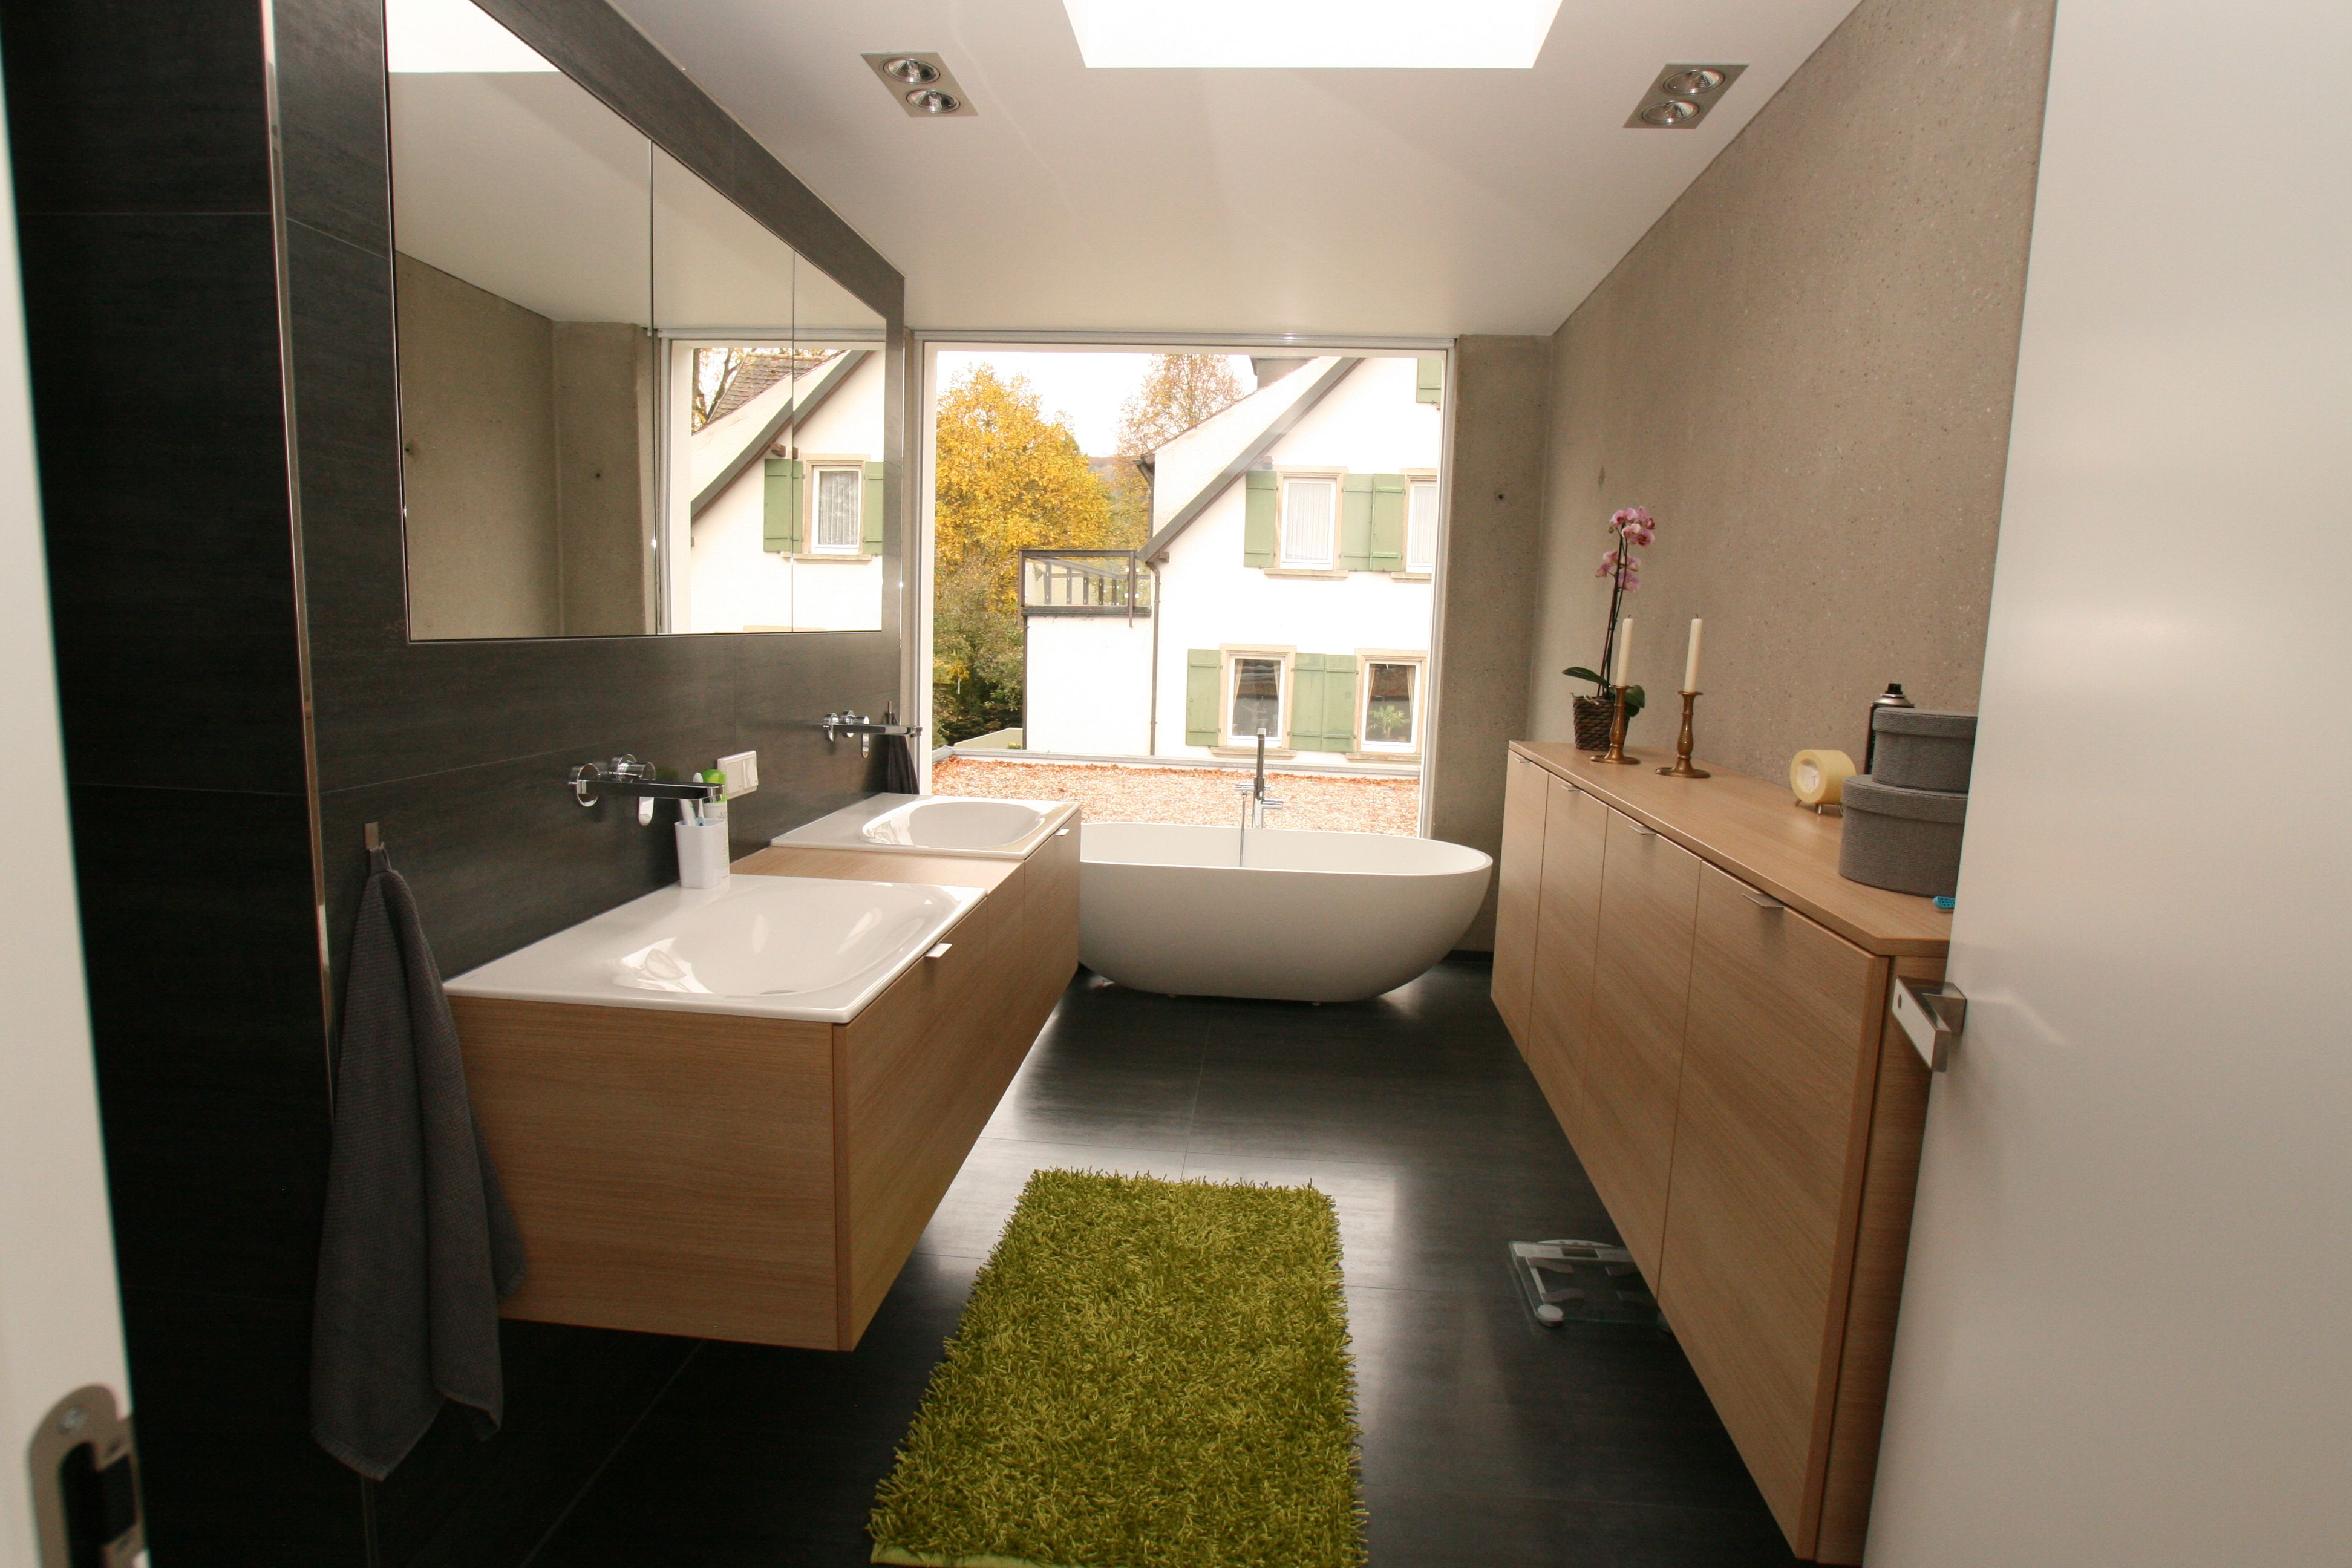 Modernes Badezimmer Badezimmer Modernes Badezimmer Schreinerei